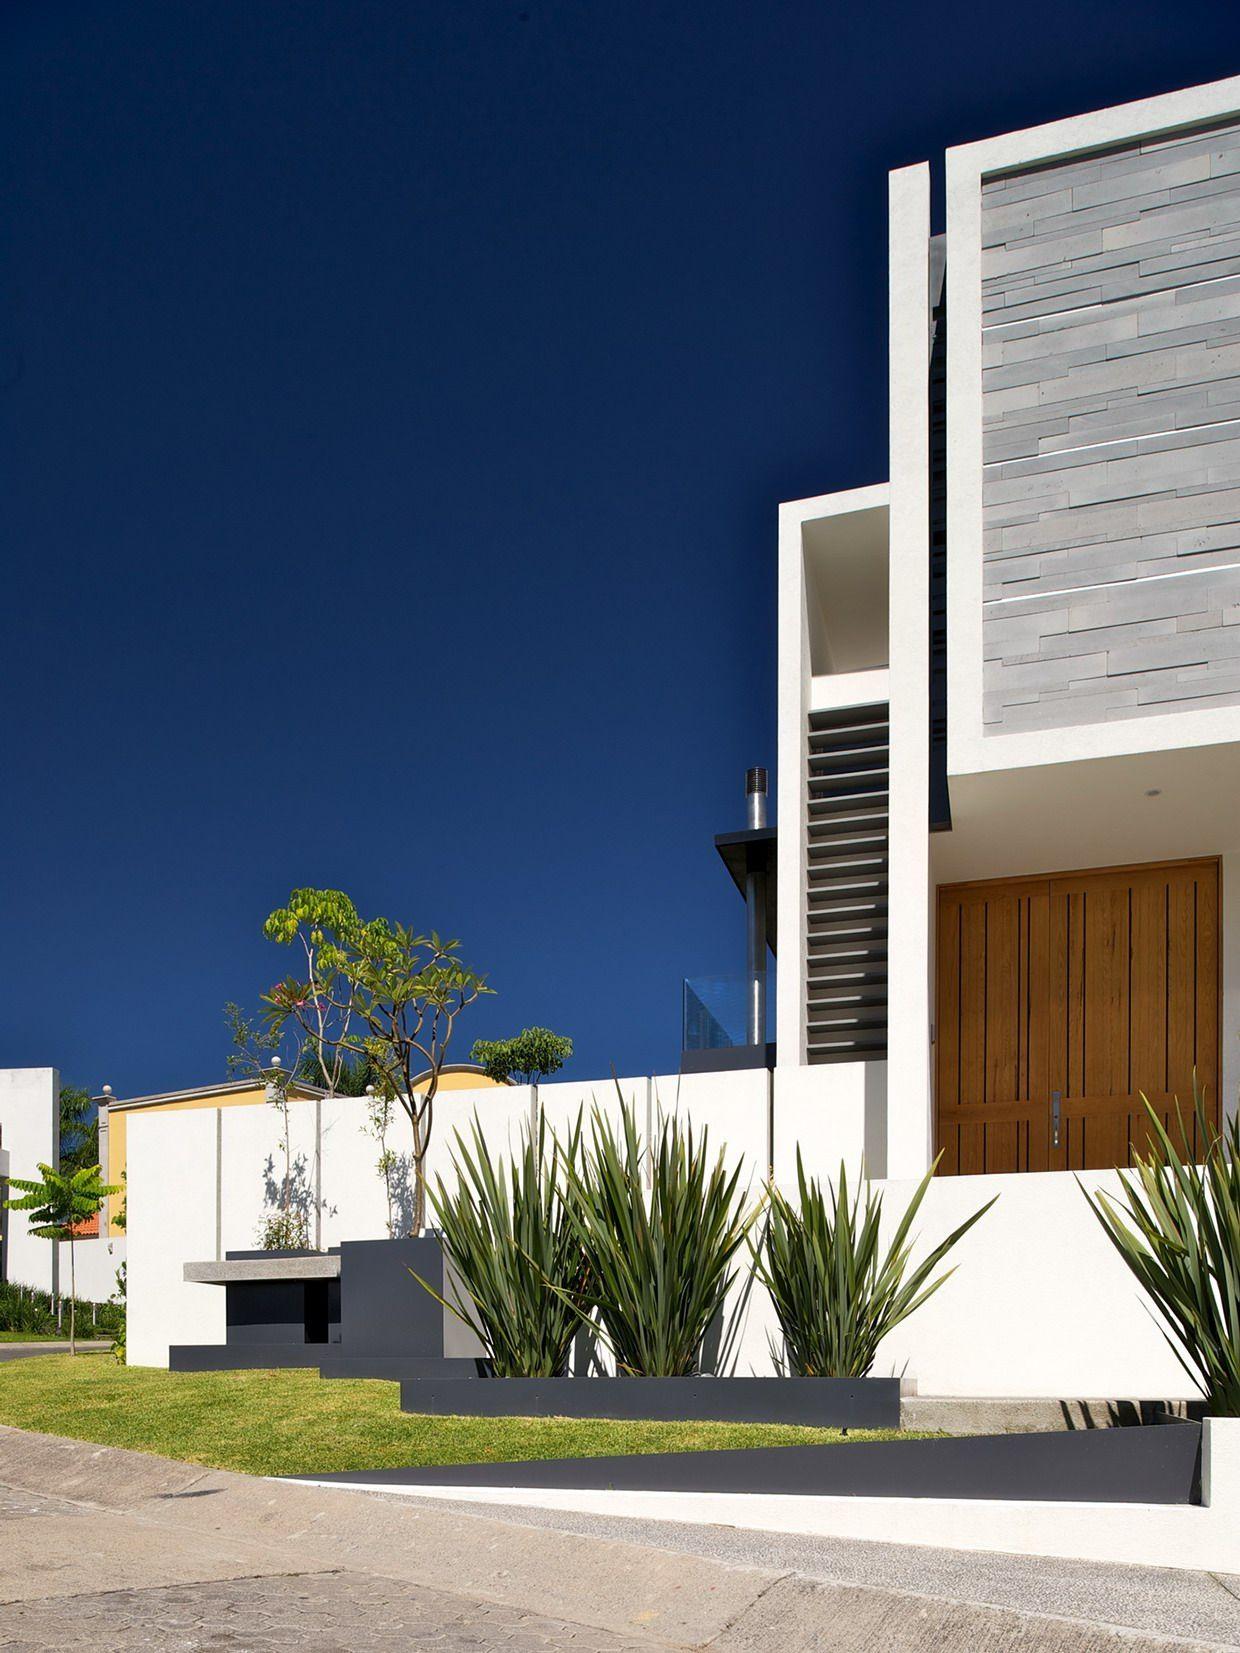 Single family house guadalajara méxico